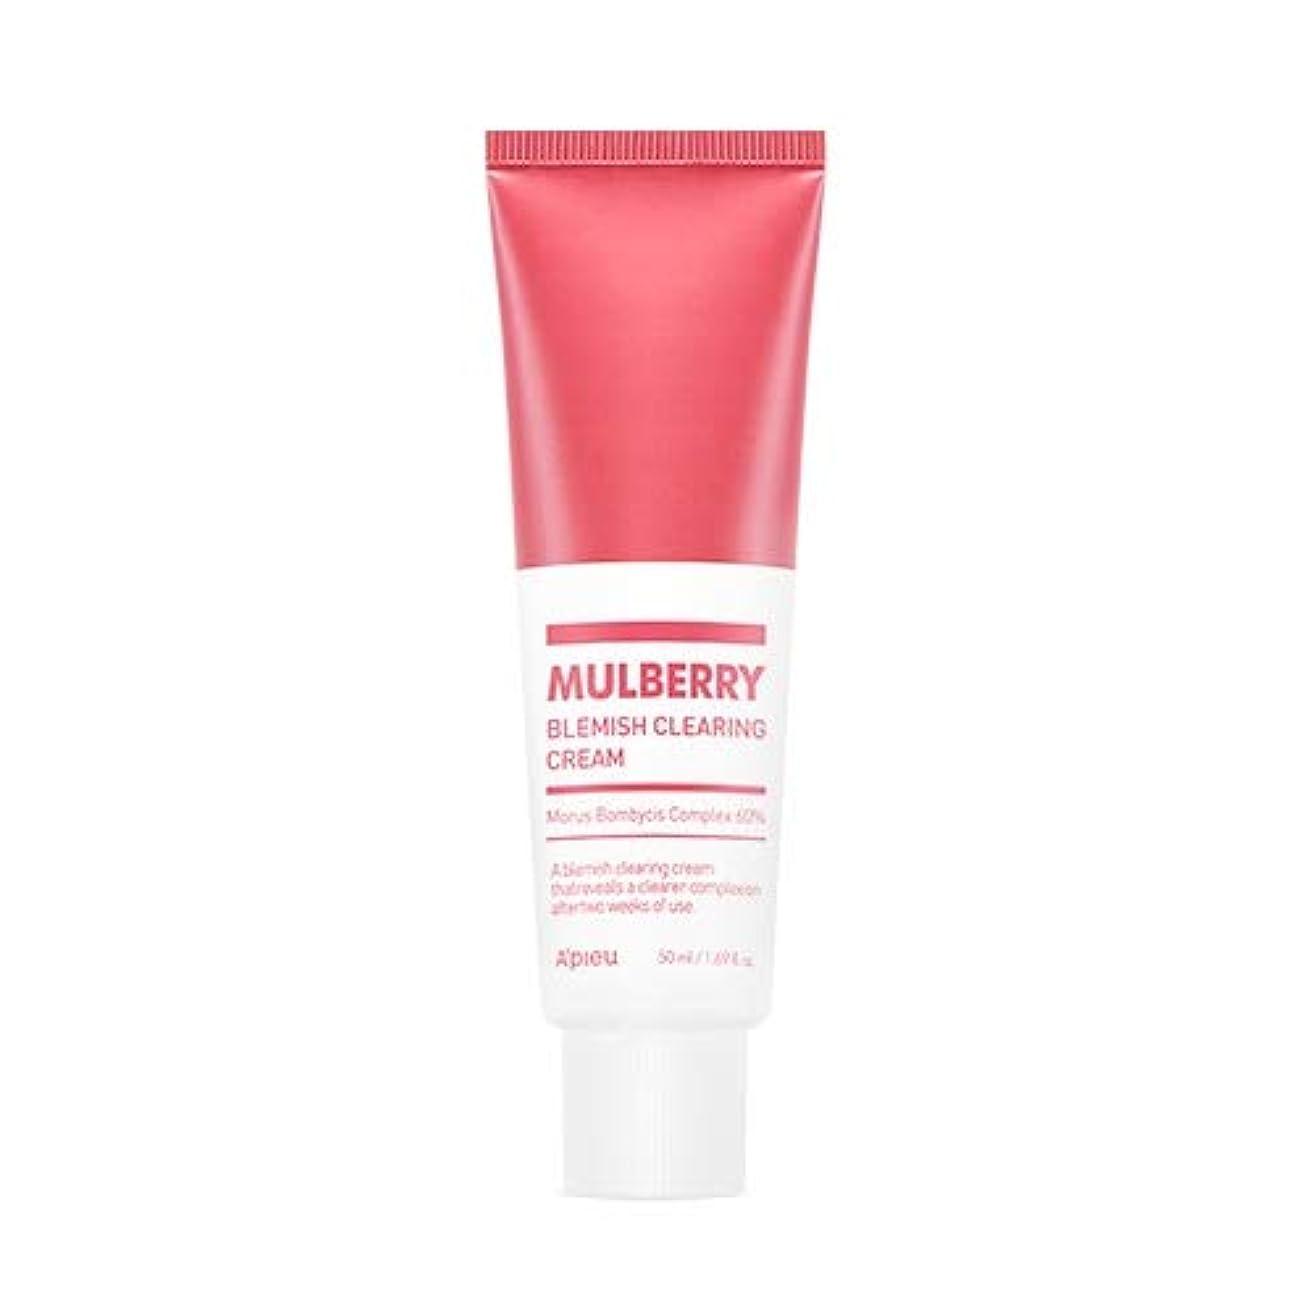 圧倒的肥満ファセットアピュ マルベリー ブラミッシュ クリアリング クリーム 50ml / APIEU Mulberry Blemish Clearing Cream 50ml [並行輸入品]